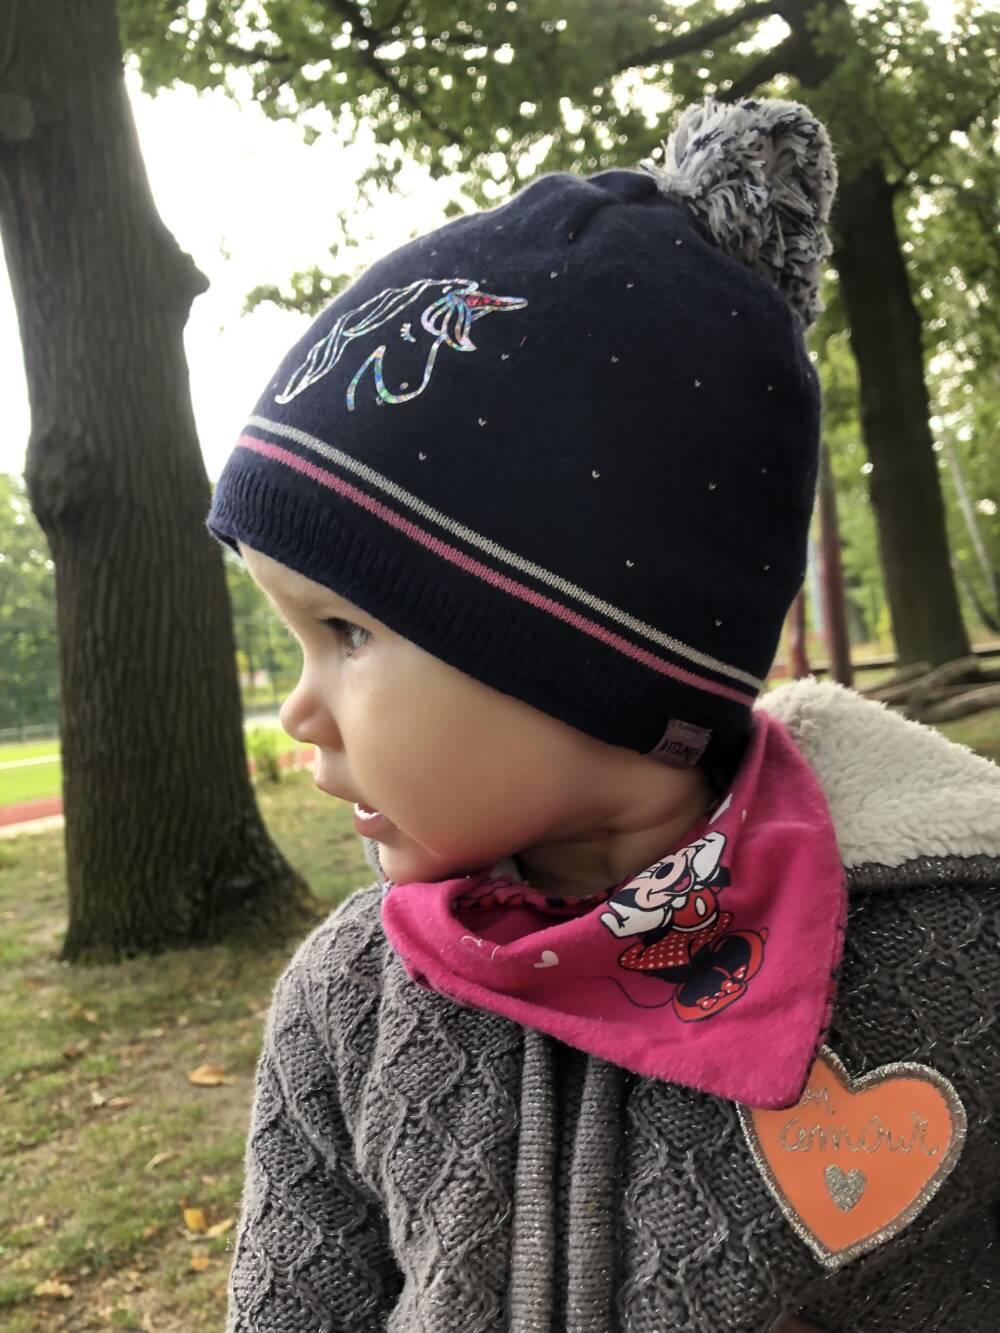 Alida Kurras' Tochter Marla